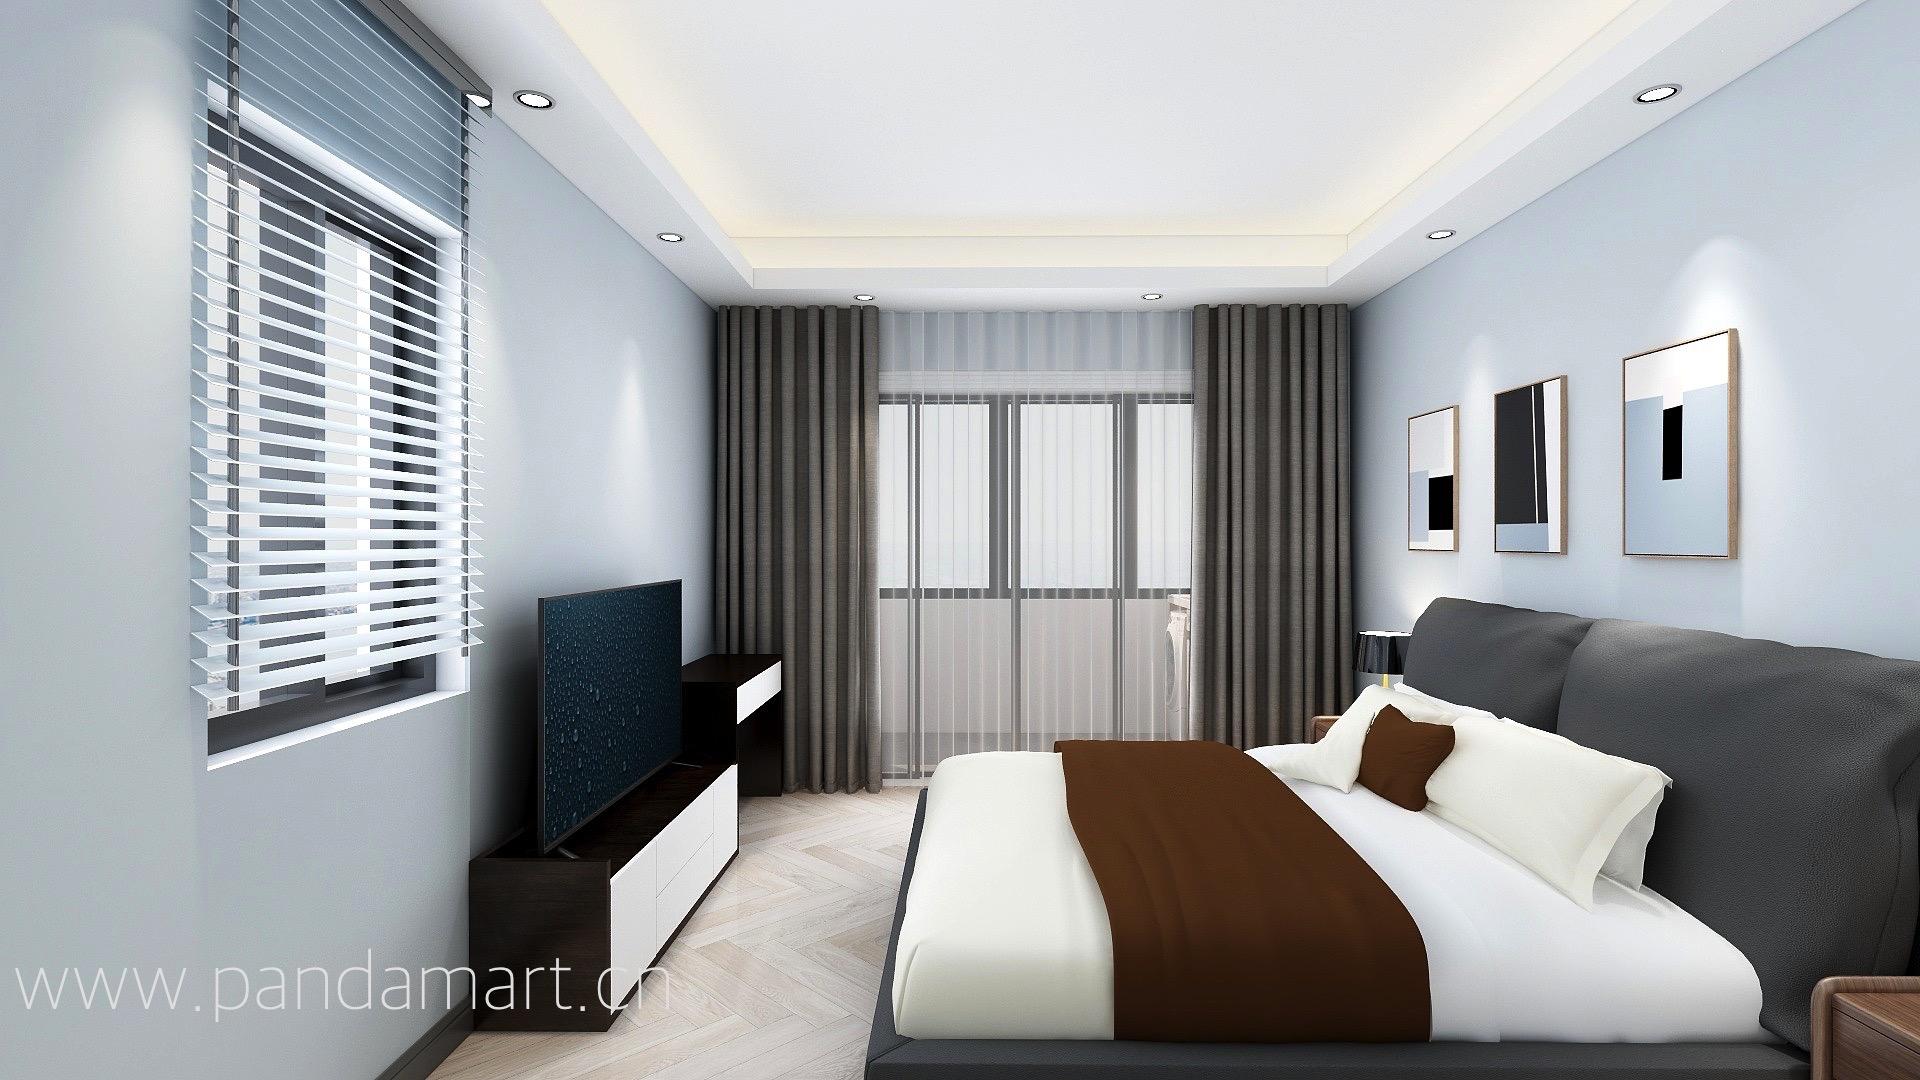 4套上海新房亚博体育app下载地址小户型,同一户型,完全不一样的设计感3